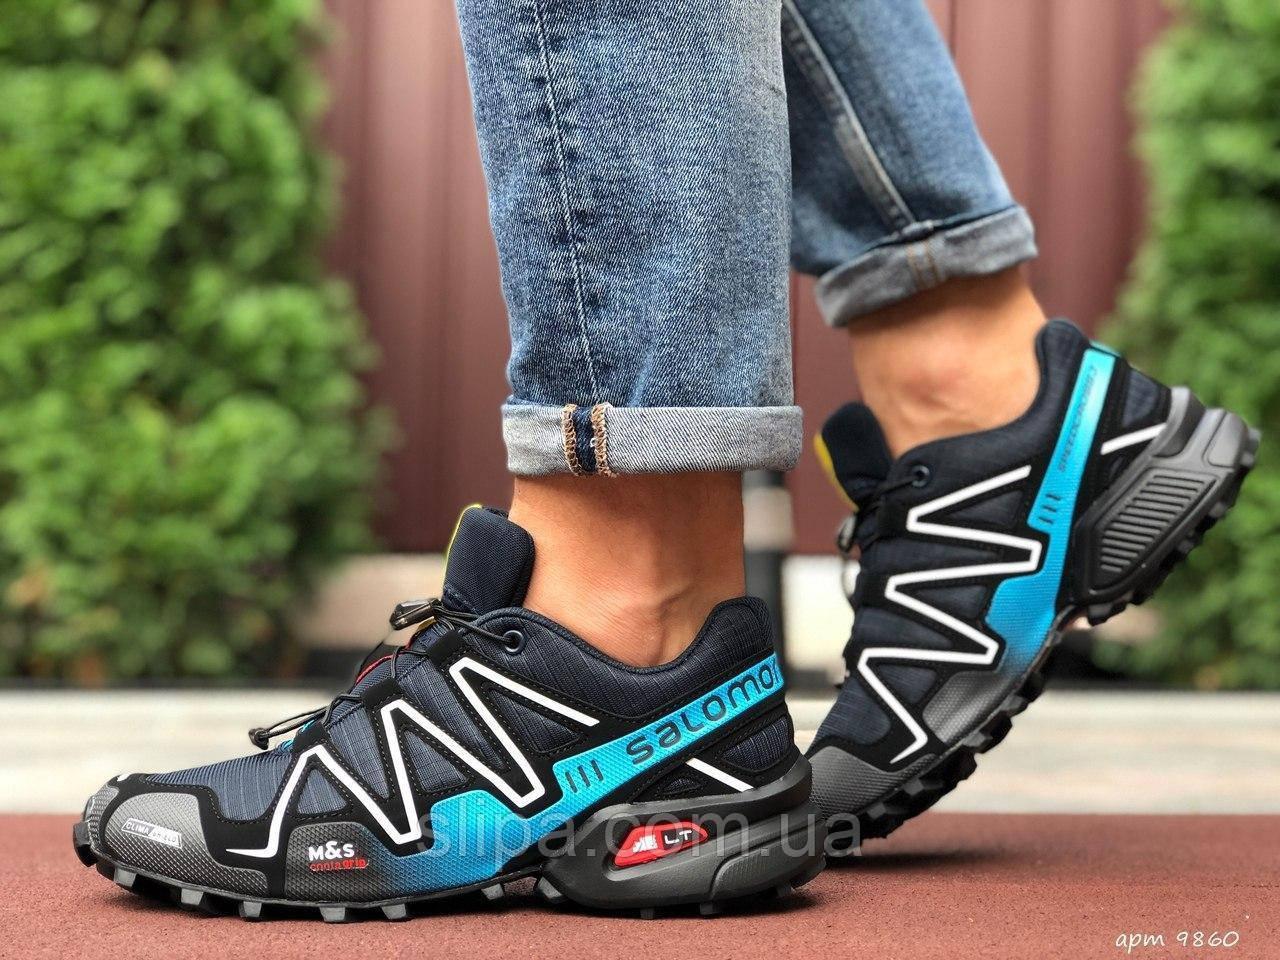 Мужские кроссовки Salomon Speedcross 3 тёмно синие с голубым